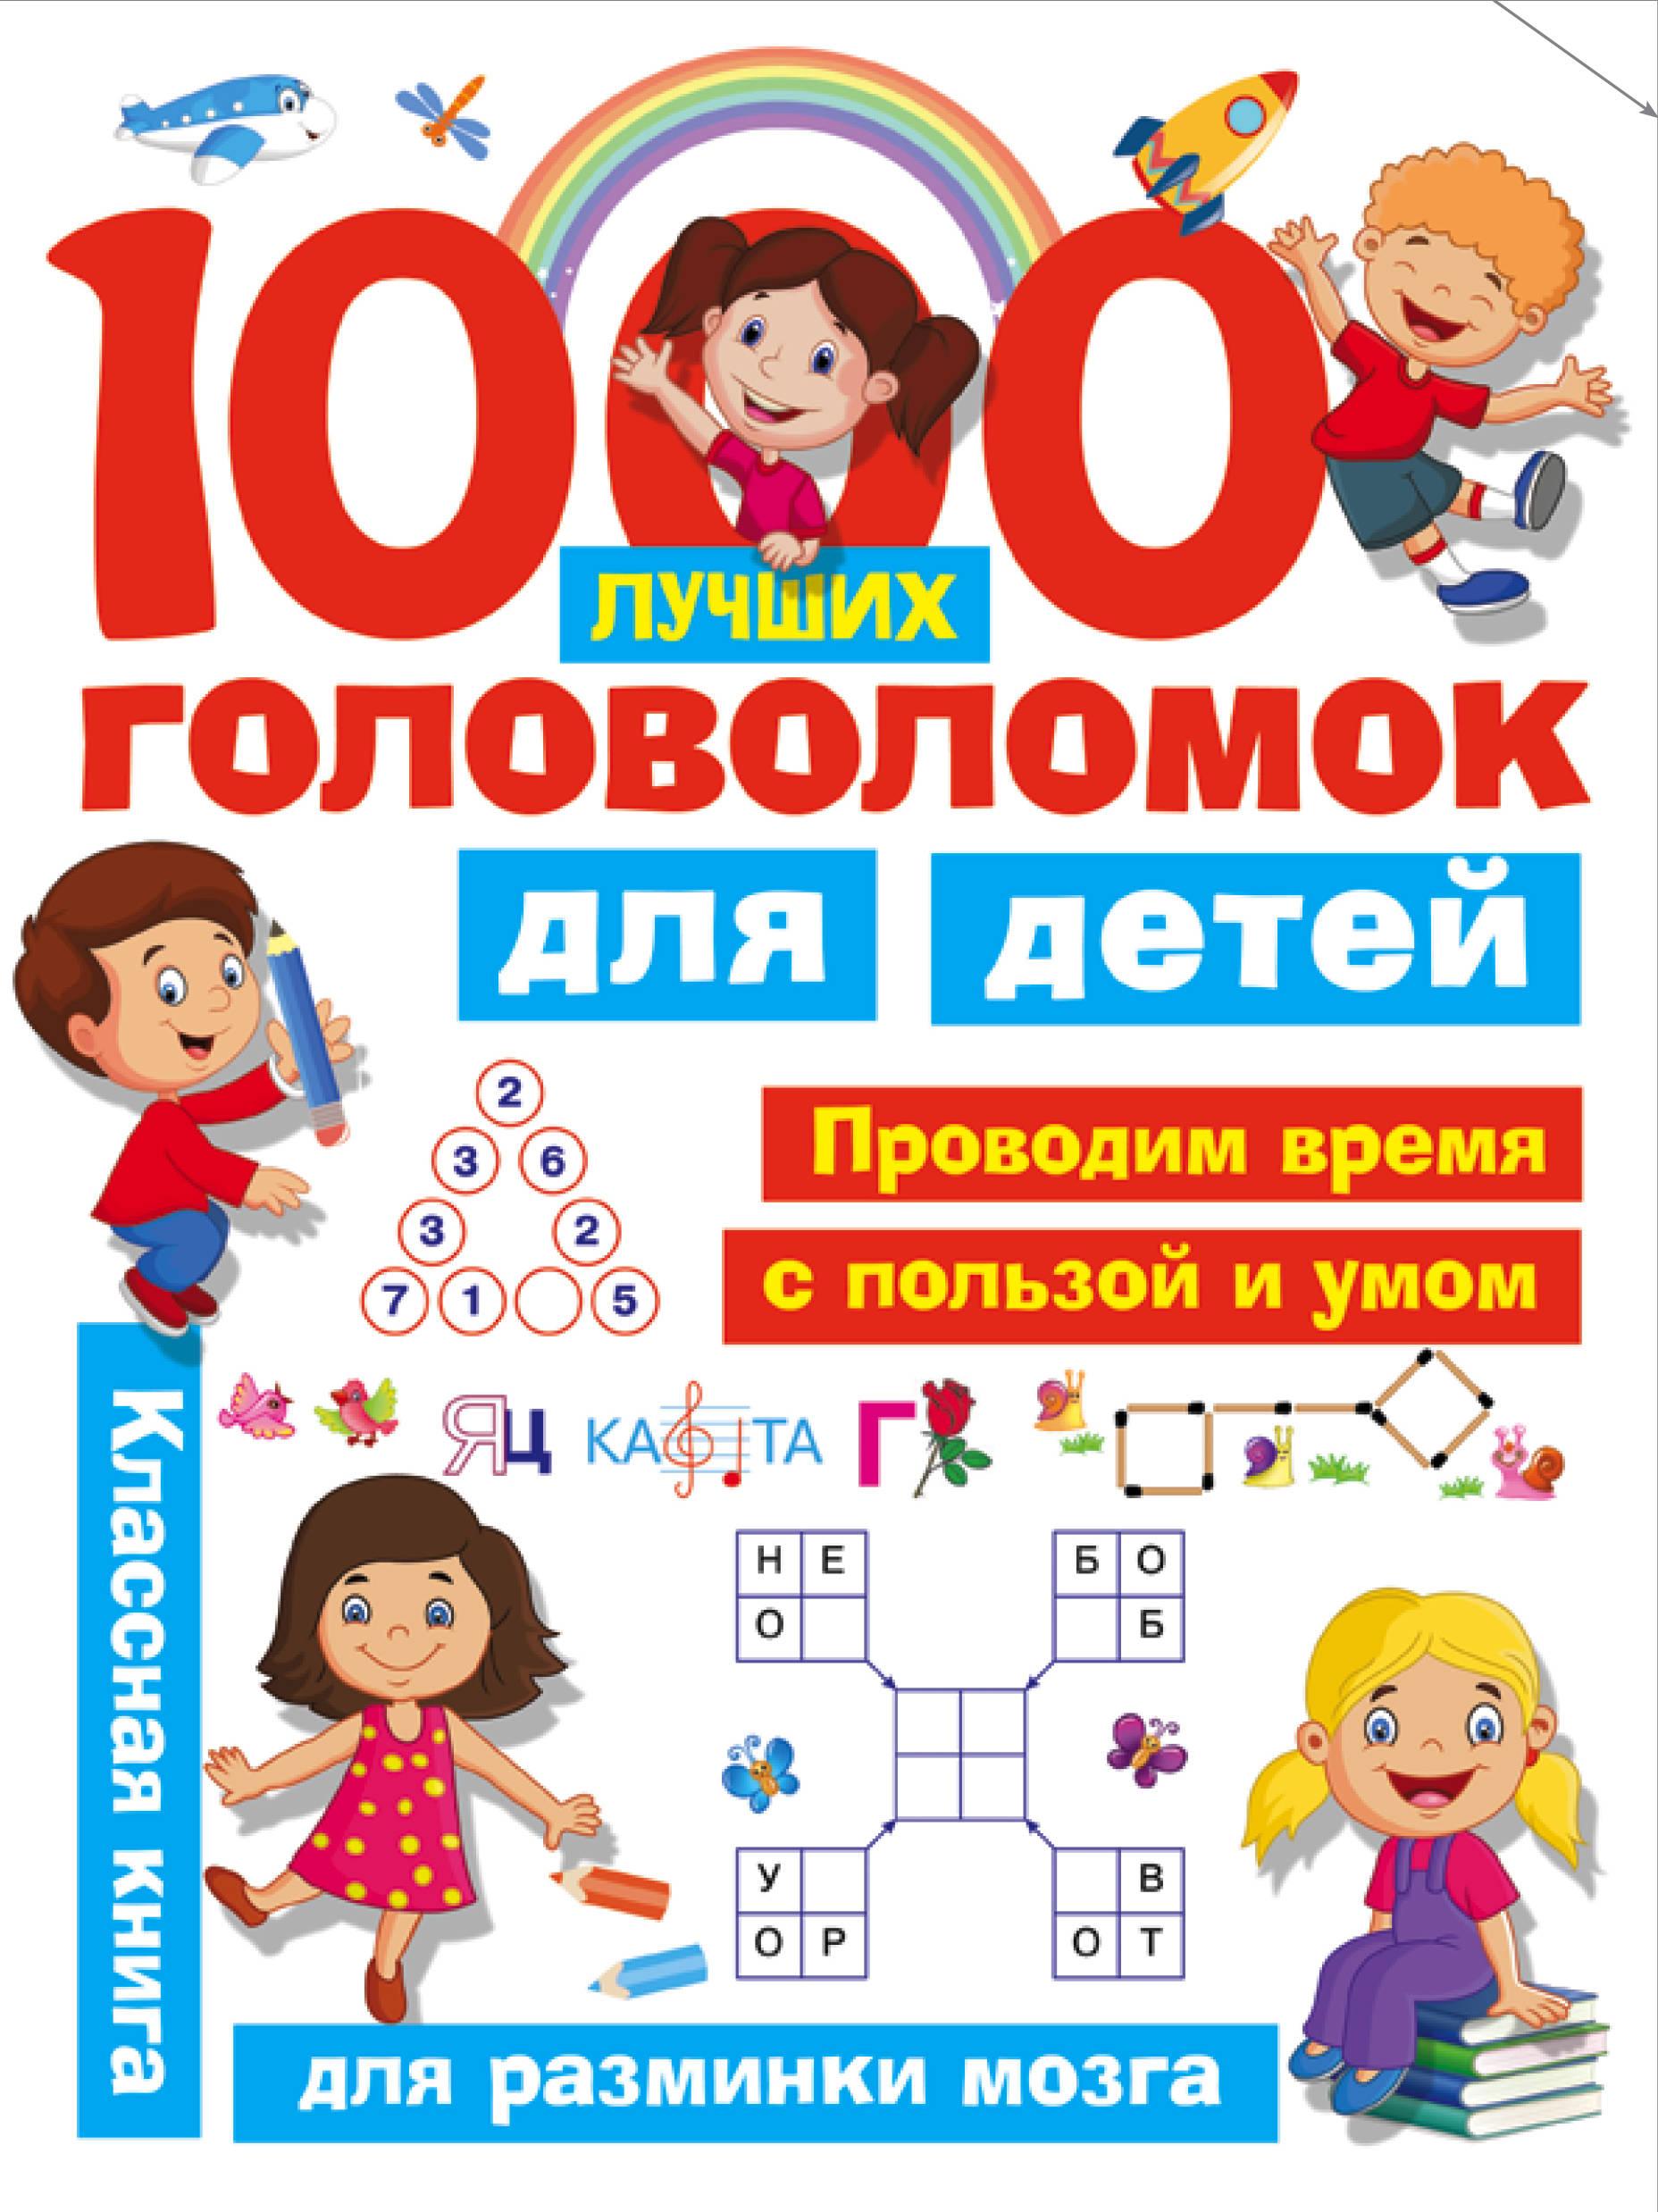 1000 лучших головоломок для детей ISBN: 978-5-17-108000-6